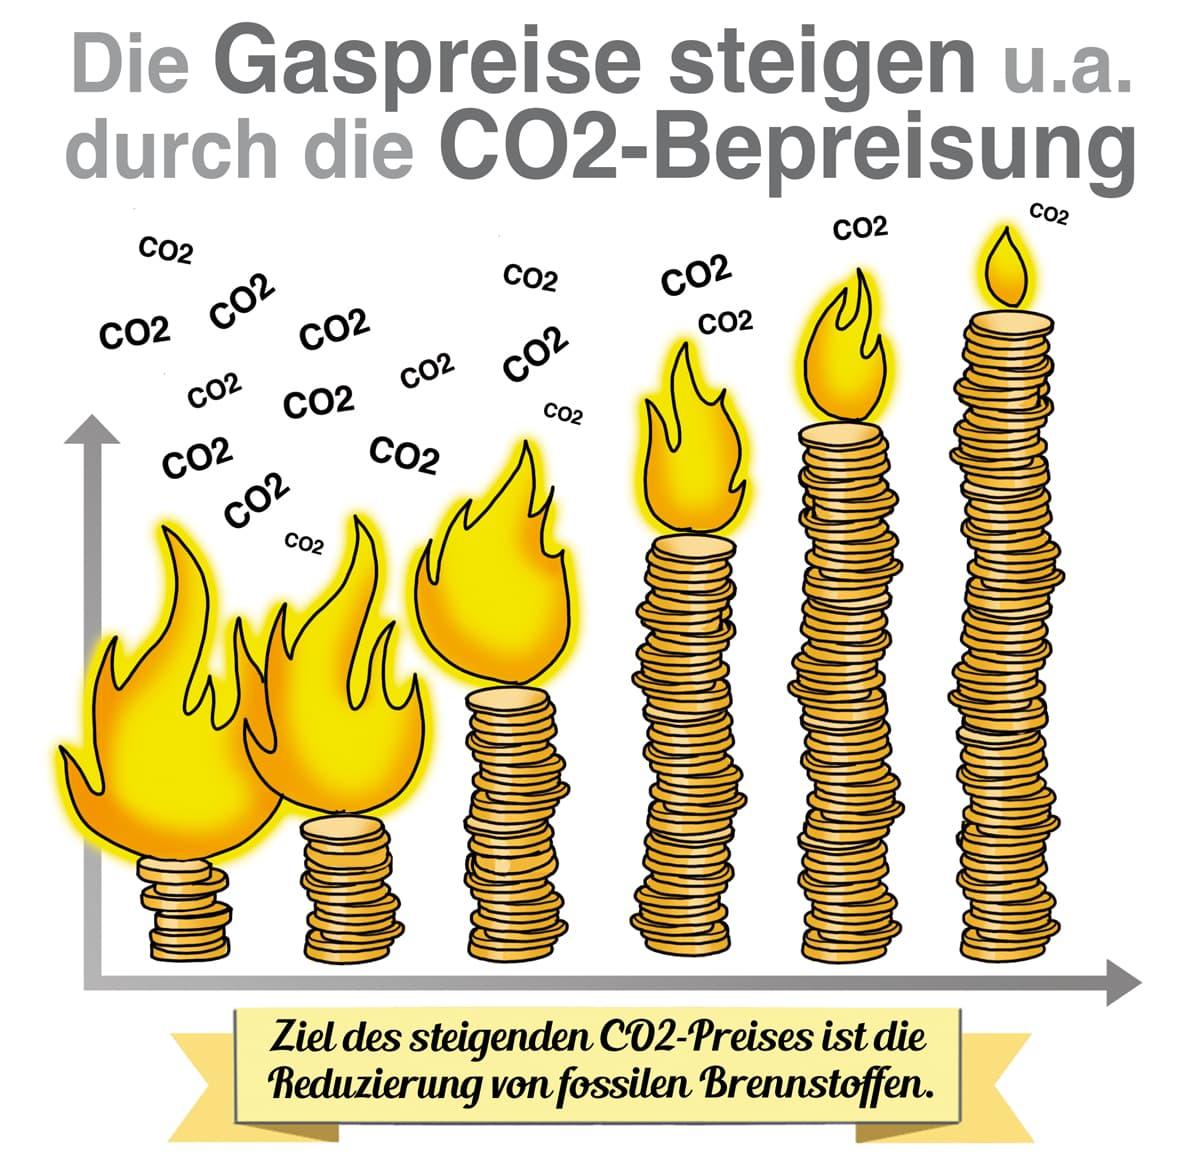 Die Gaspreise steigen auch durch die CO2-Bepreisung